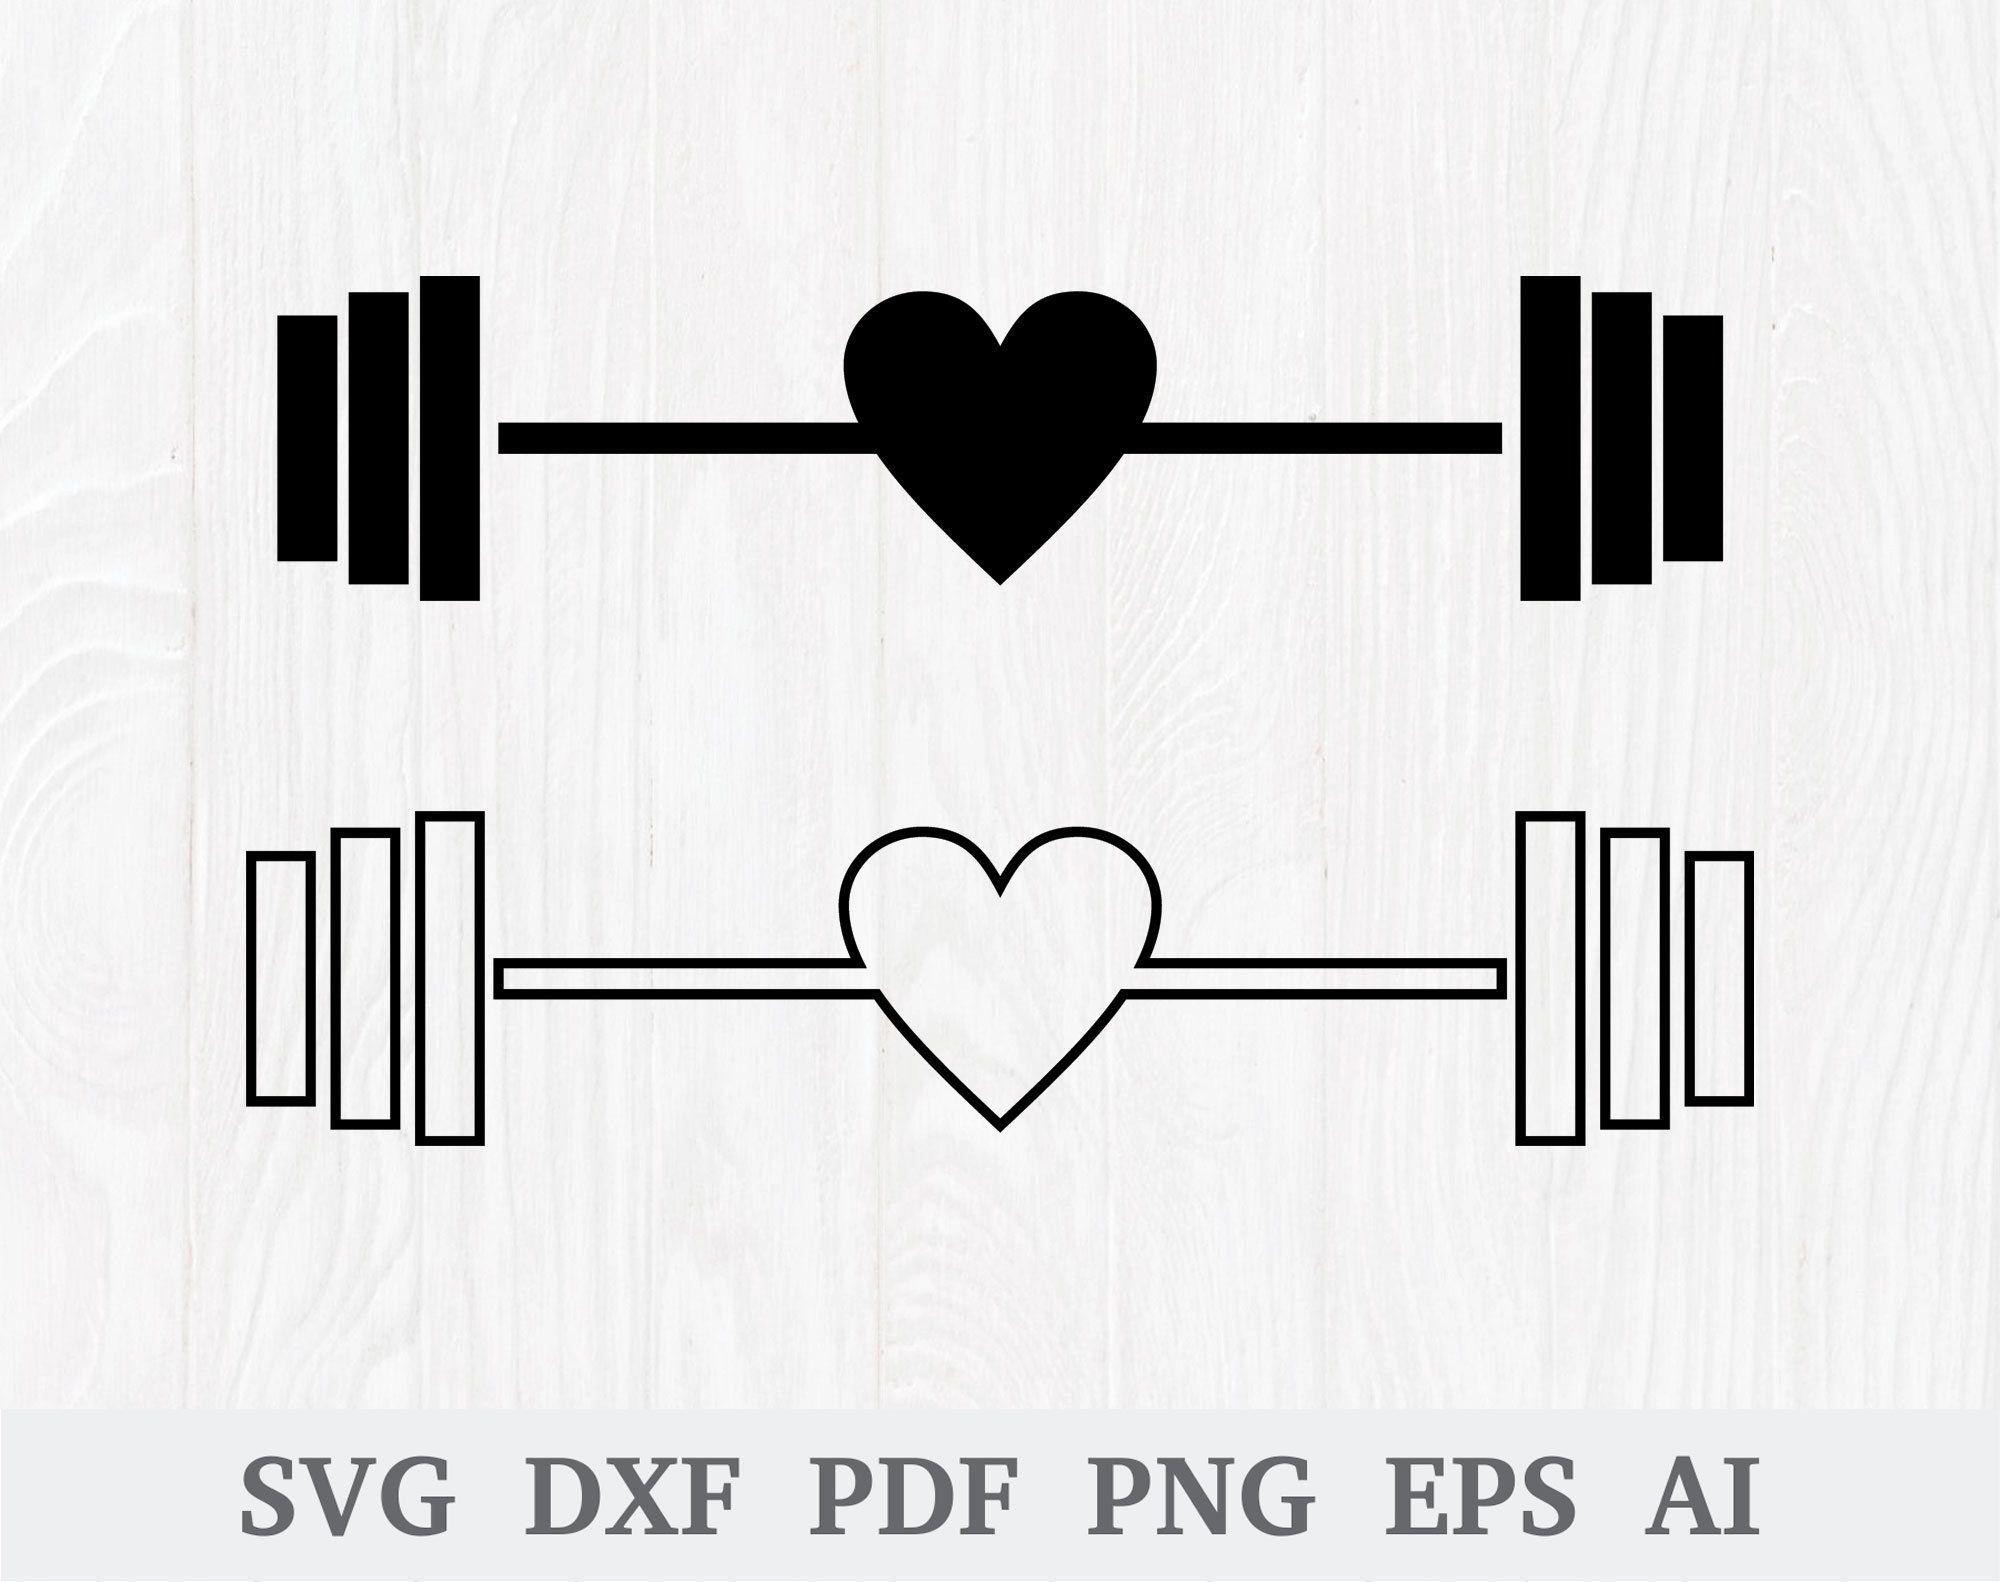 svg File Silhouette Files SVG svg Files svg Design Gym Rat Oval SVG Gym Rat File svg File for Circuit Gym Rat svg svg Files SVG